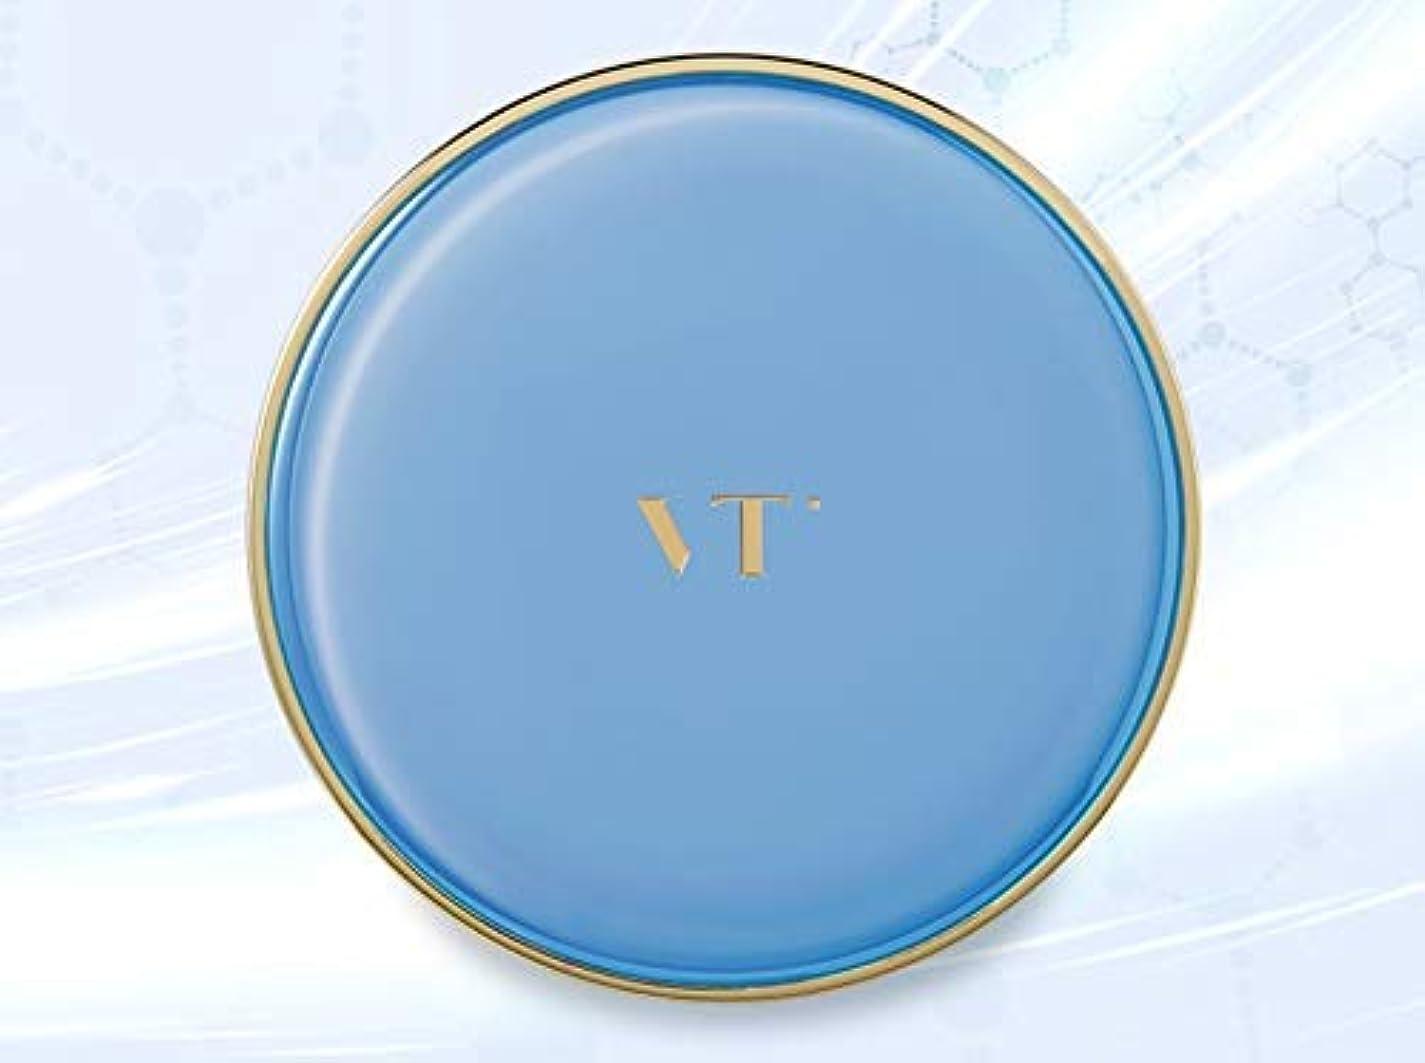 接地ペッカディロキャンディーVT ブルービタコラーゲンファクト SPF50+ PA+++ 11g 23号 / VT BLUE VITA COLLAGEN PACT 0.38 OZ [並行輸入品]